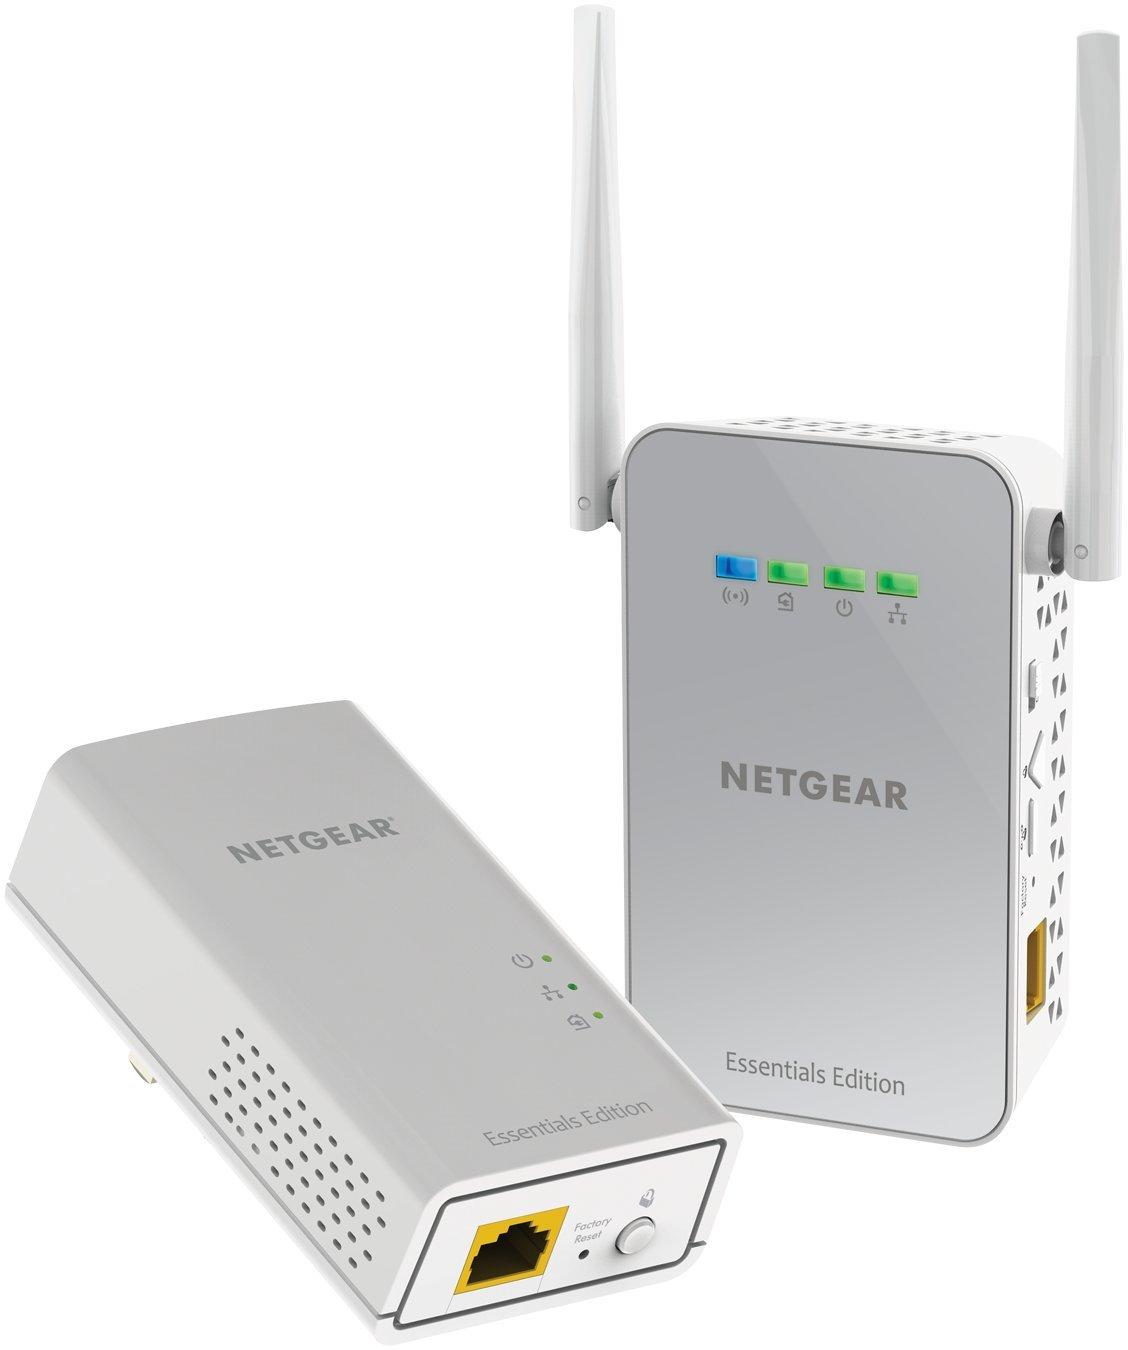 Amazon.com: NETGEAR PowerLINE 1000 Mbps WiFi, 802.11ac, 1 Gigabit ...